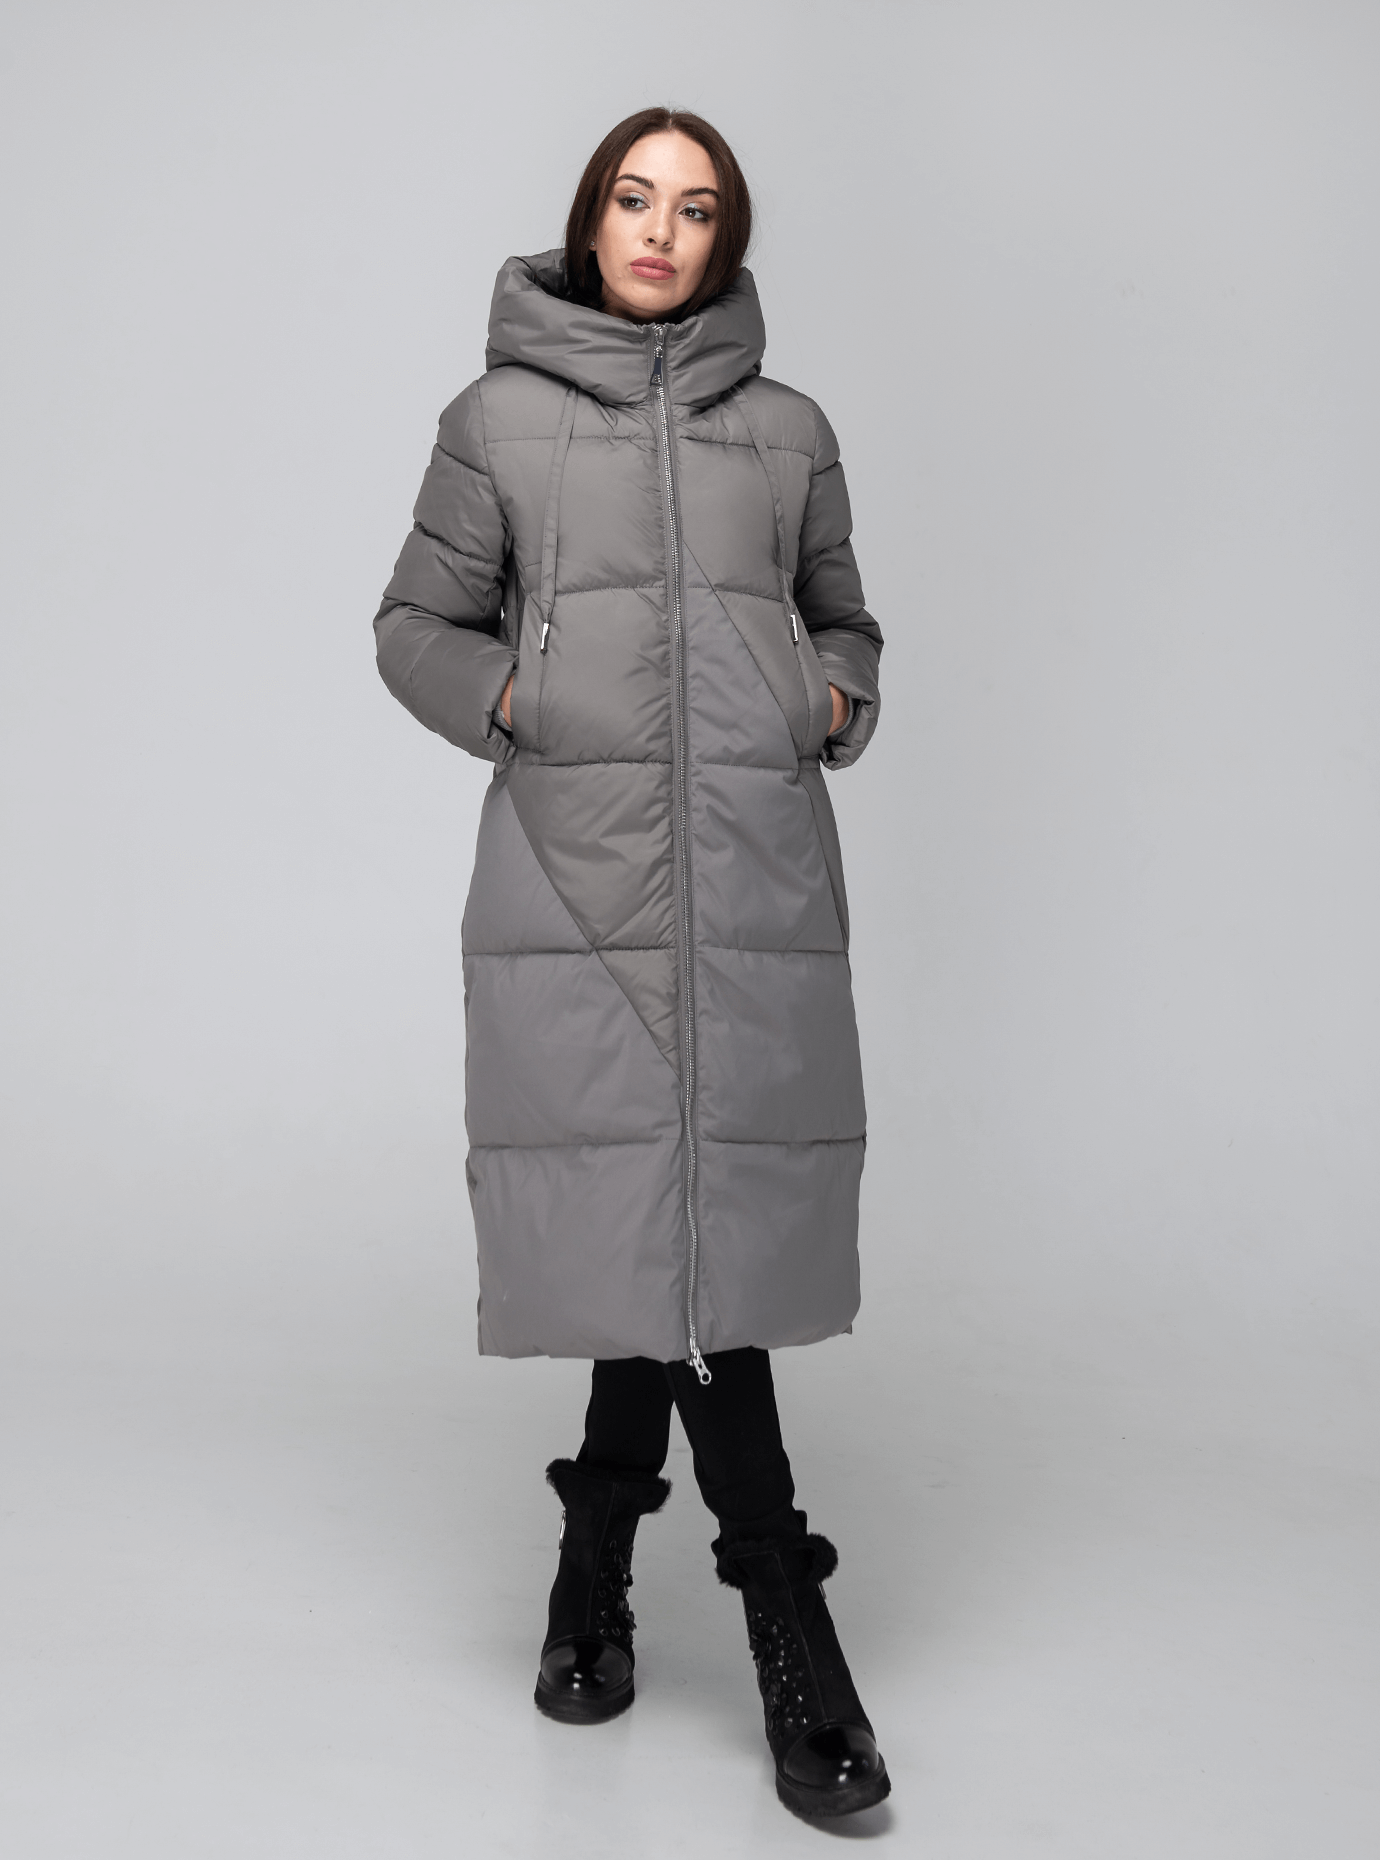 Классическая зимняя женская куртка Серый 2XL (02-190227): фото - Alster.ua